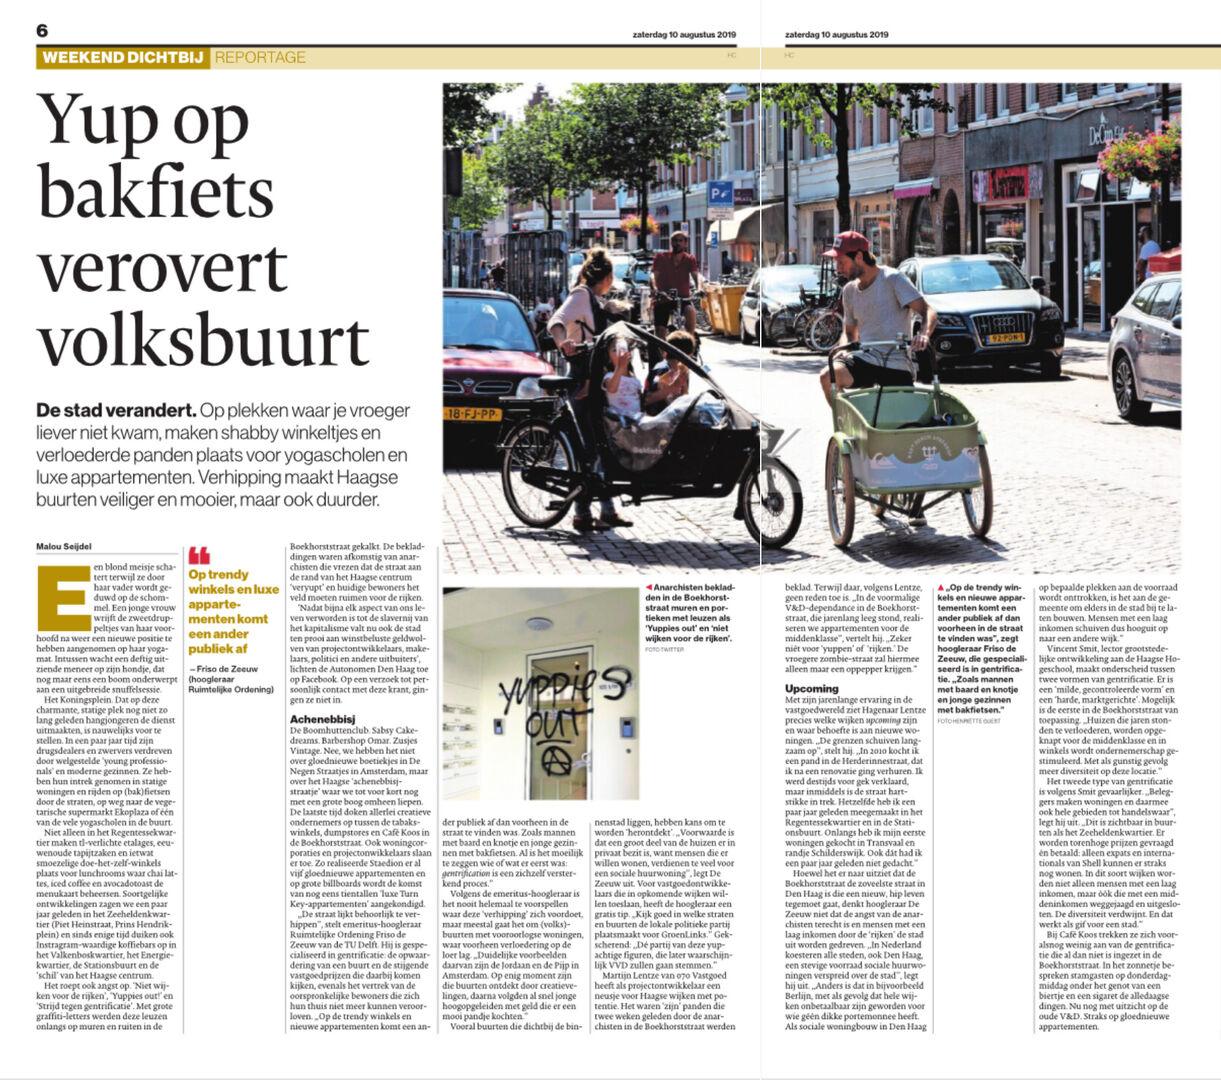 070 Vastgoed geeft visie op gentrification in Den Haag